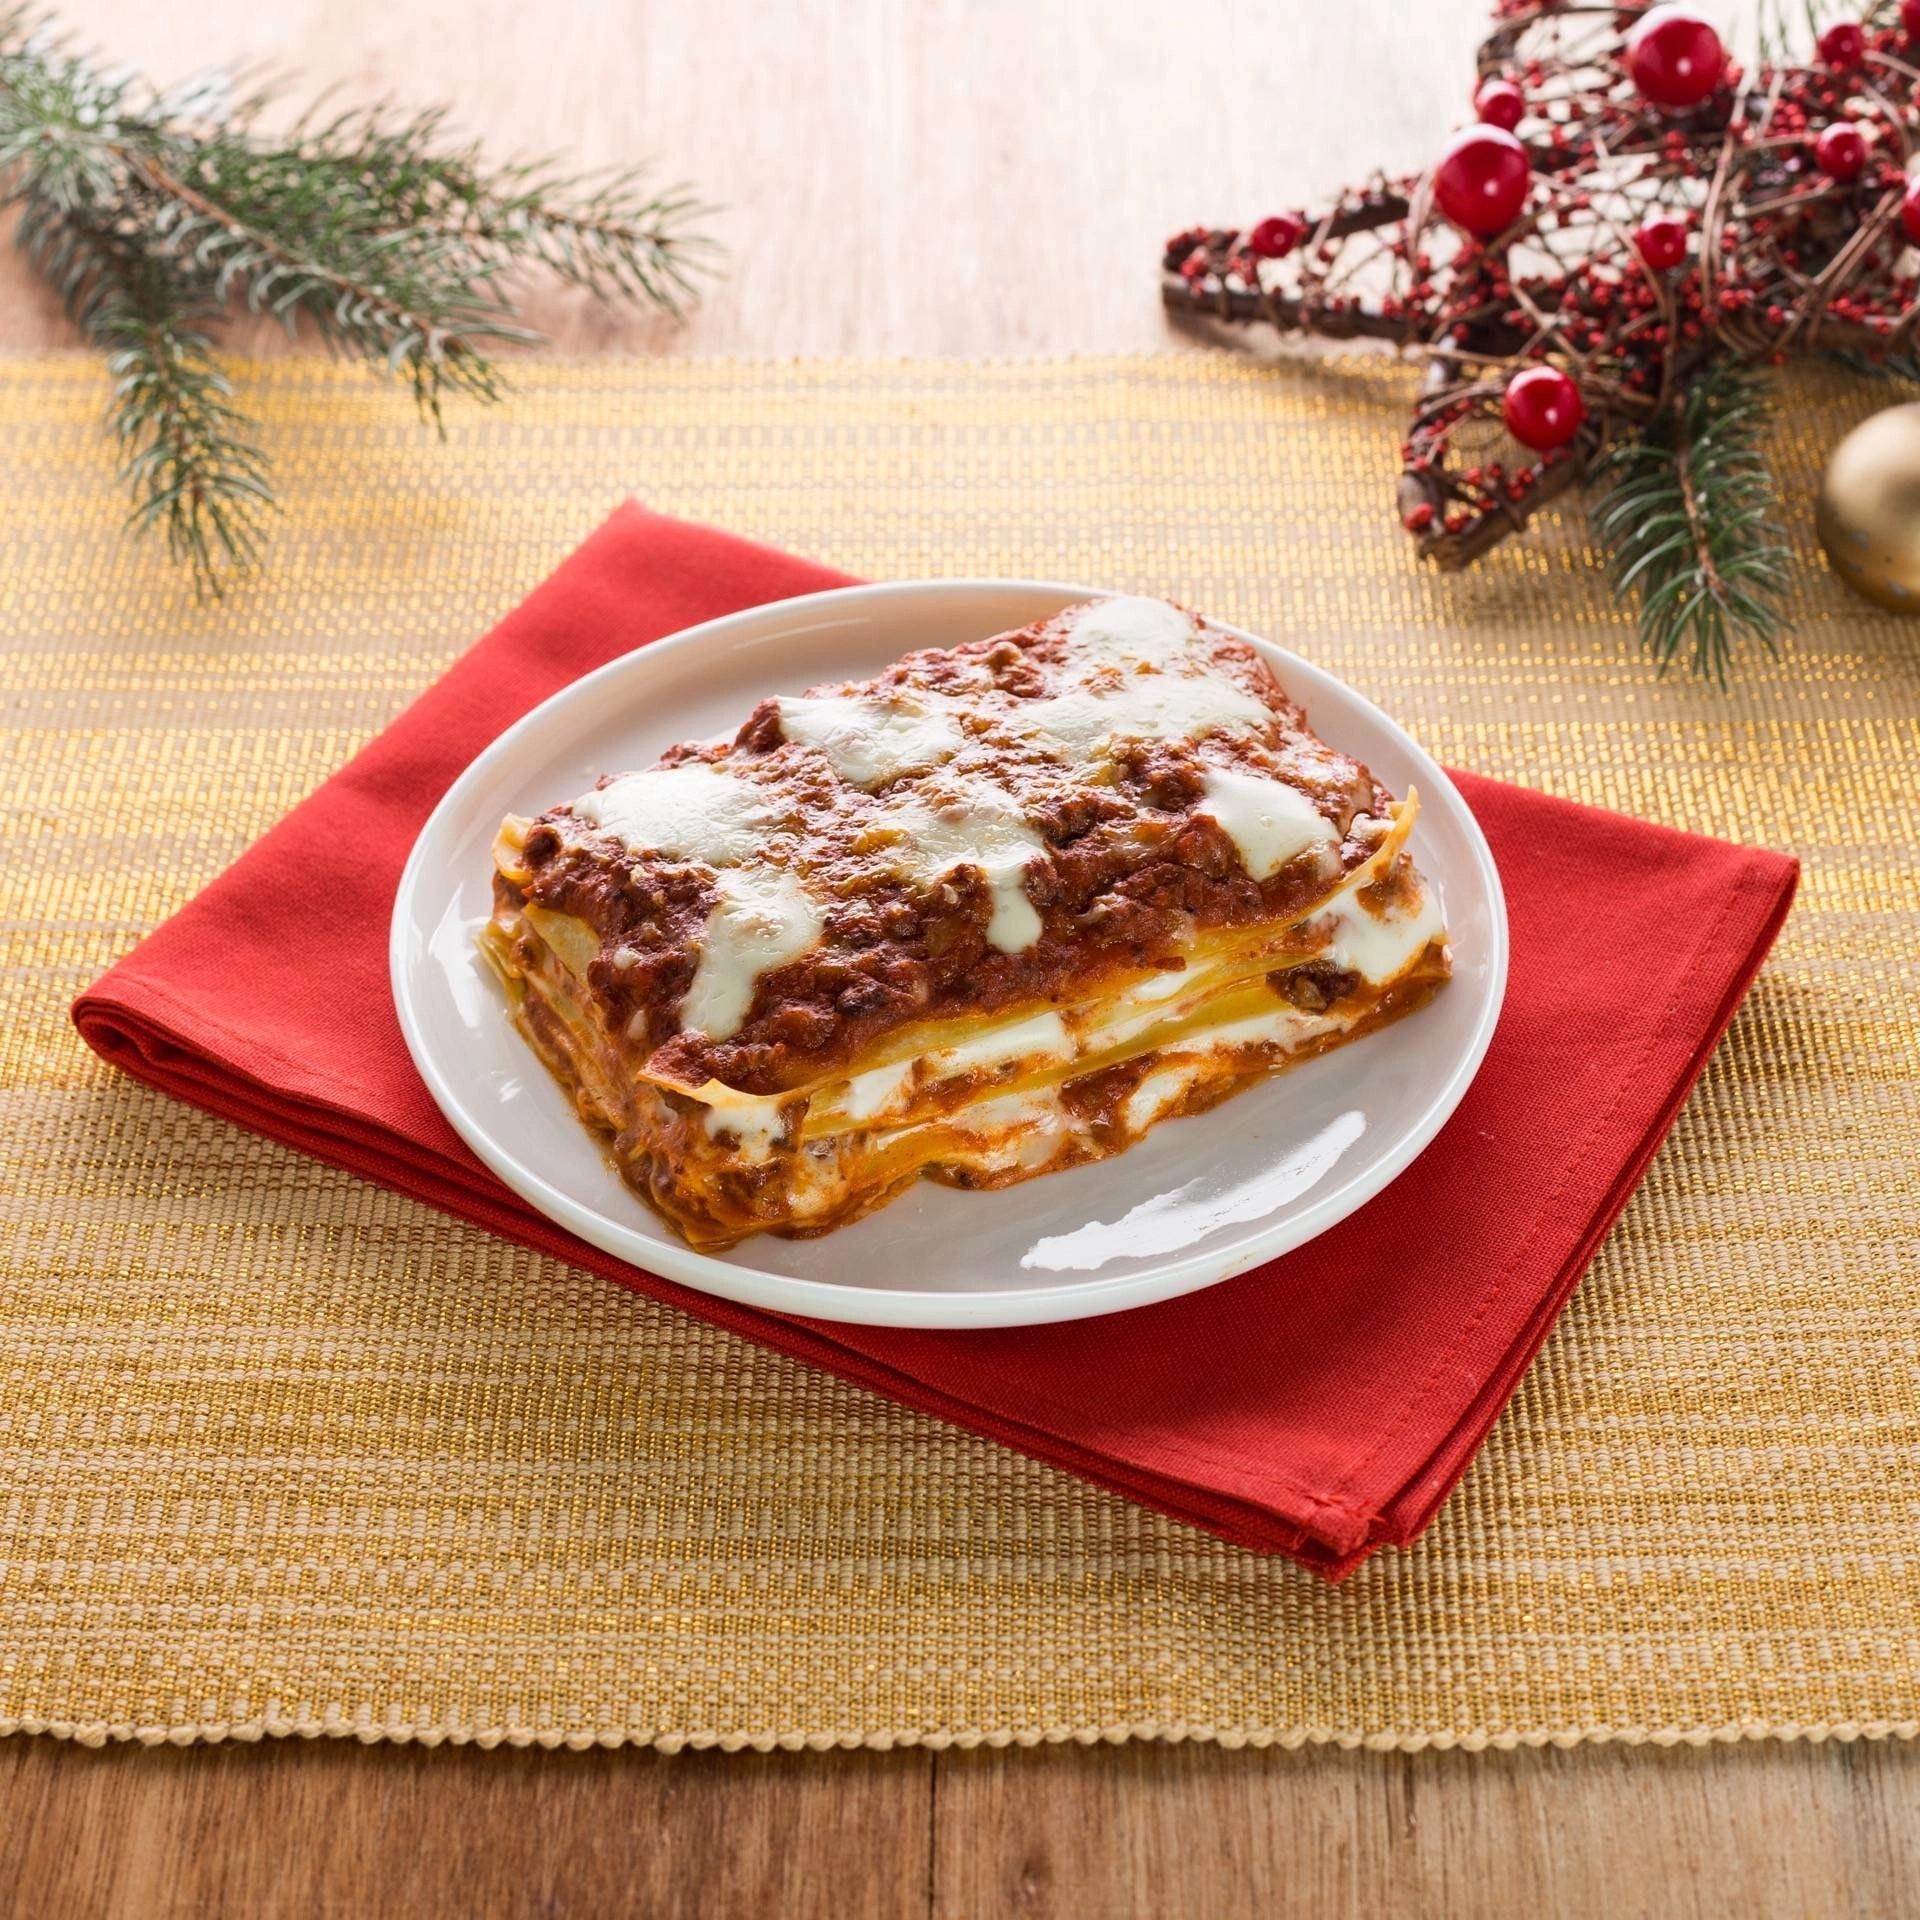 Lasagna alla bolognese - Parmalat